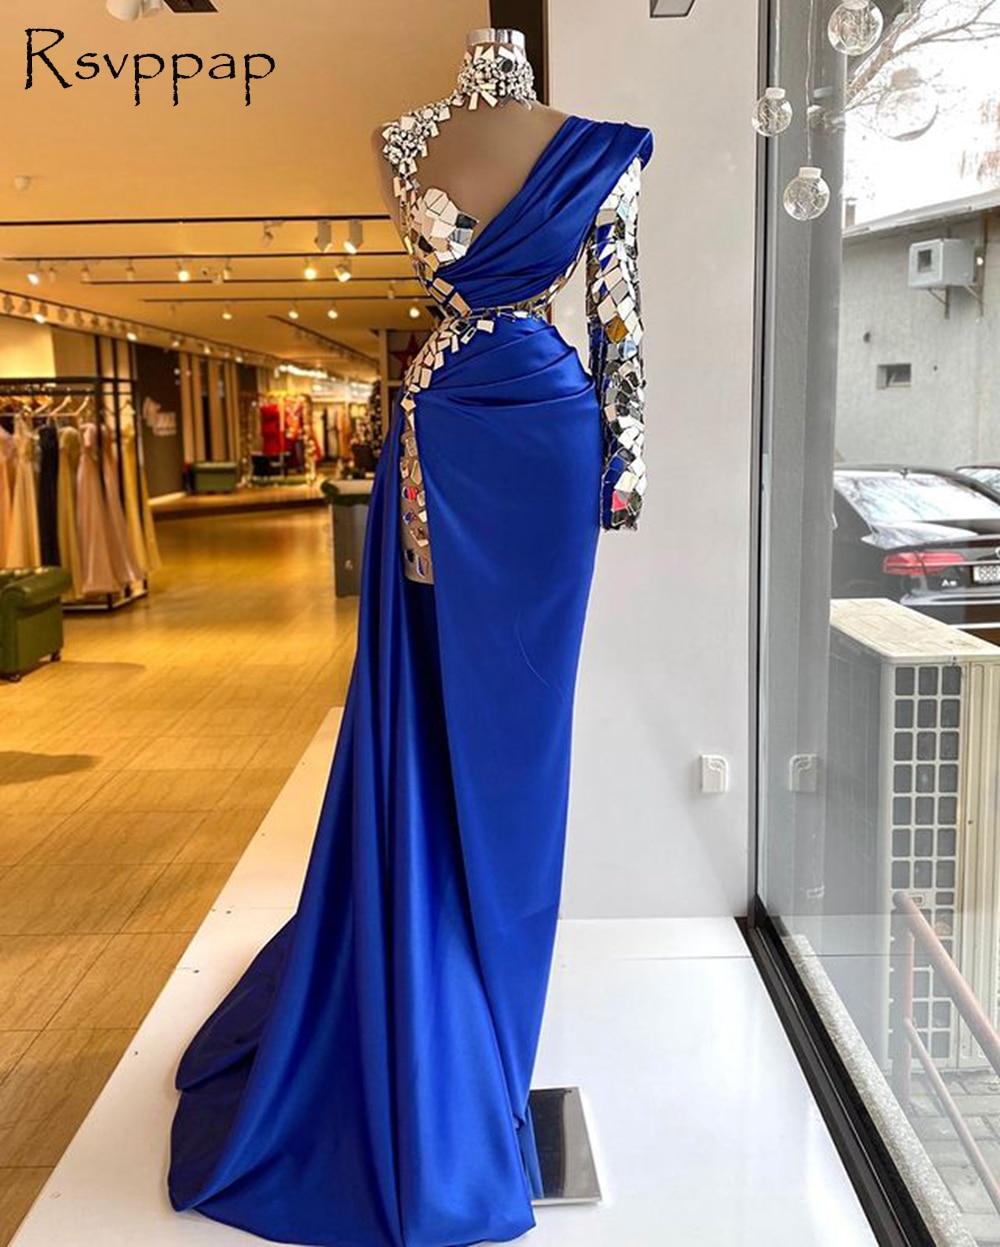 فستان سهرة ساتان ، أكمام طويلة ، ياقة عالية ، كريستال ، أزرق ملكي ، فتحة جانبية ، مجموعة 2021